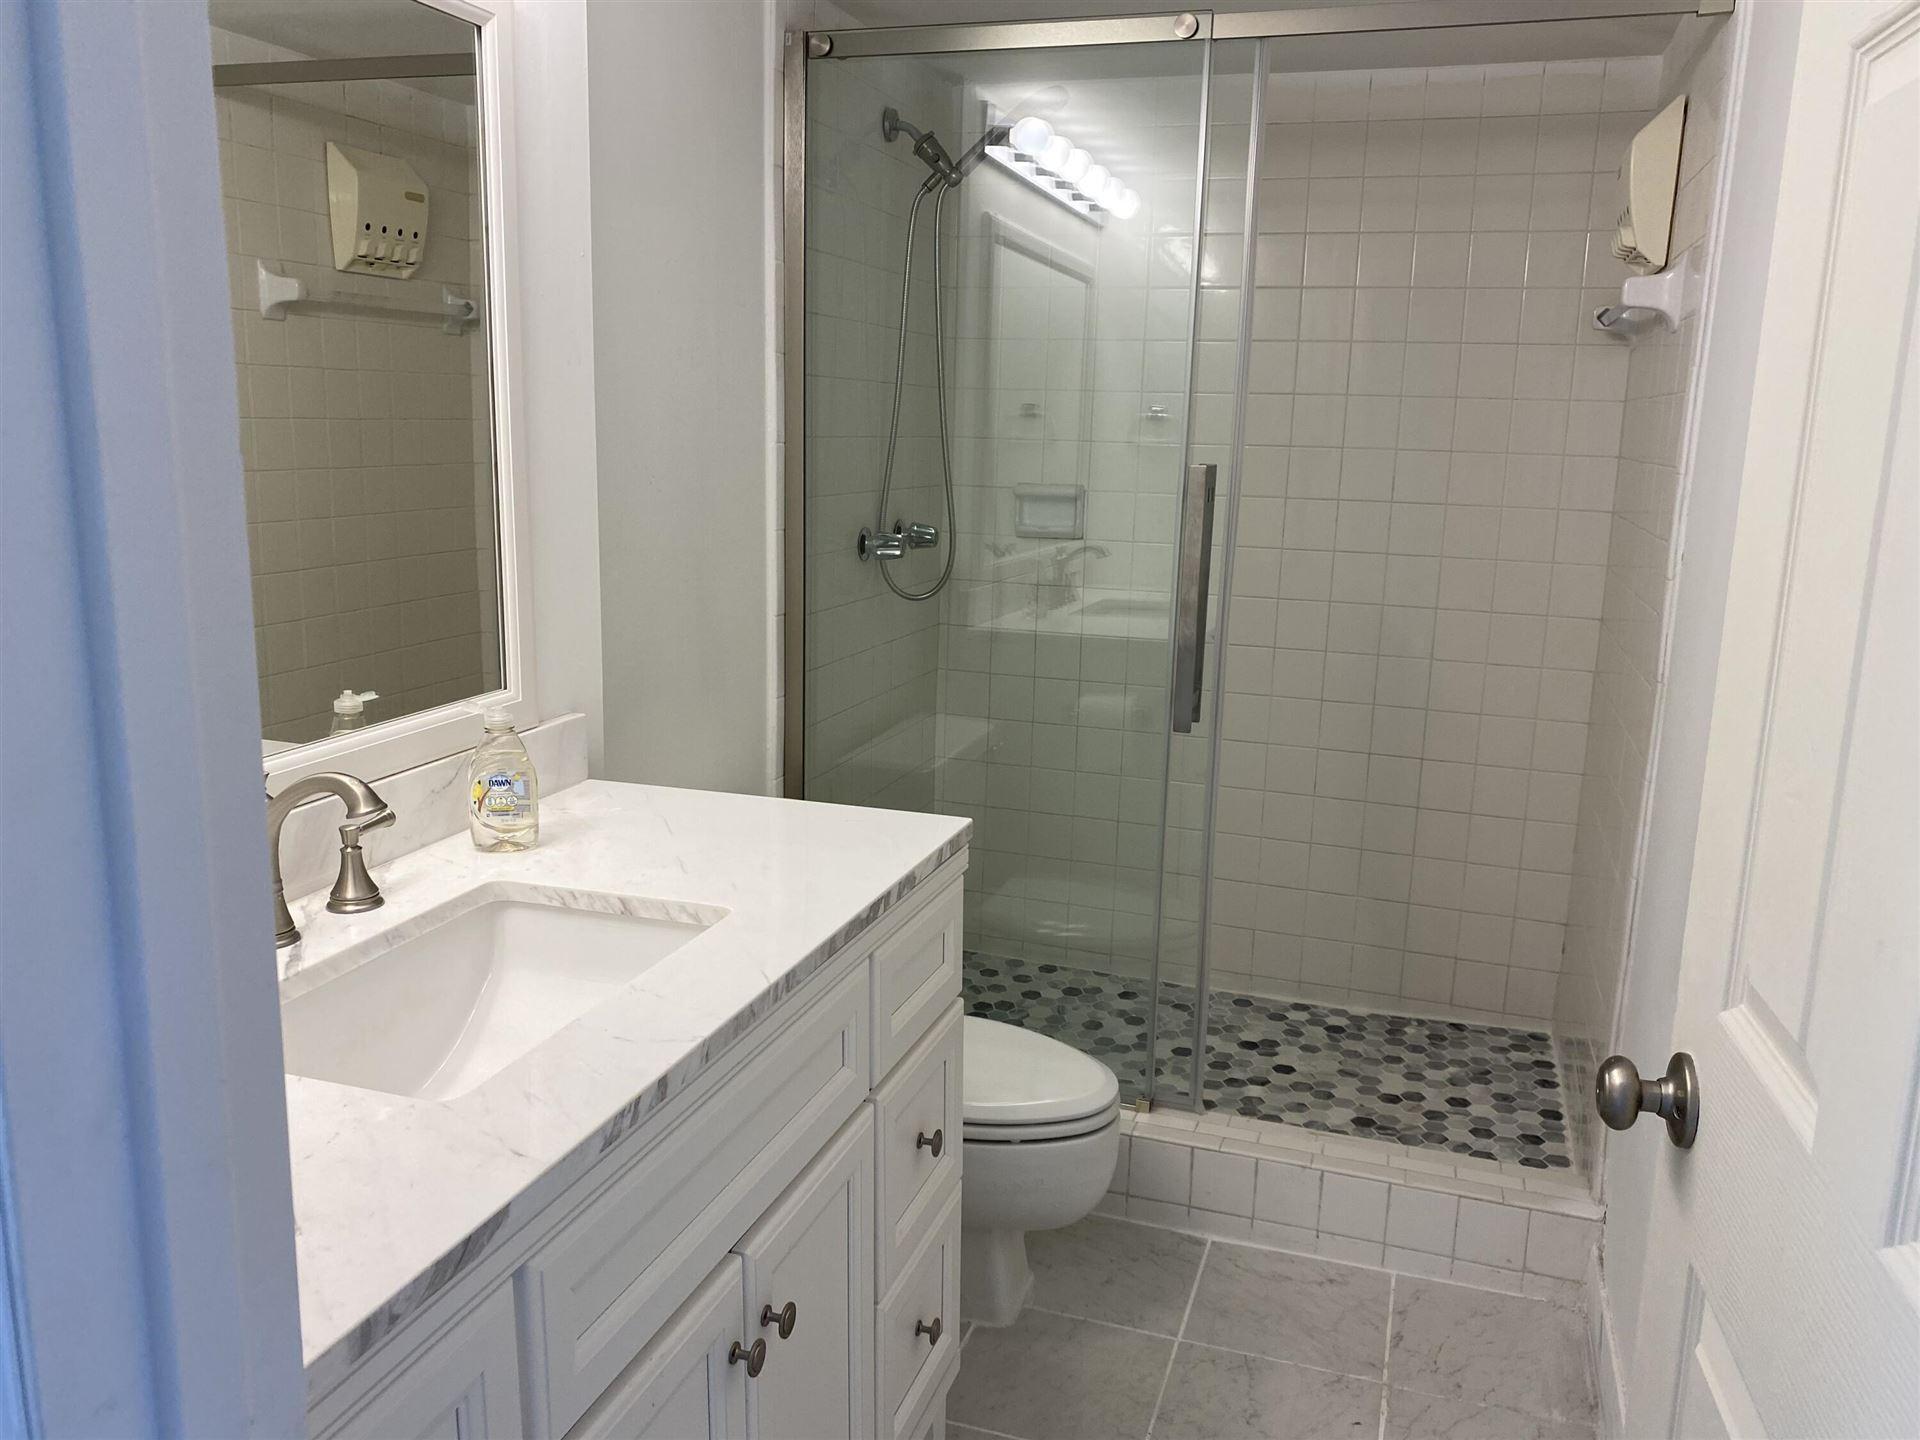 8401 W Sample Road #4, Coral Springs, FL 33065 - MLS#: RX-10704740